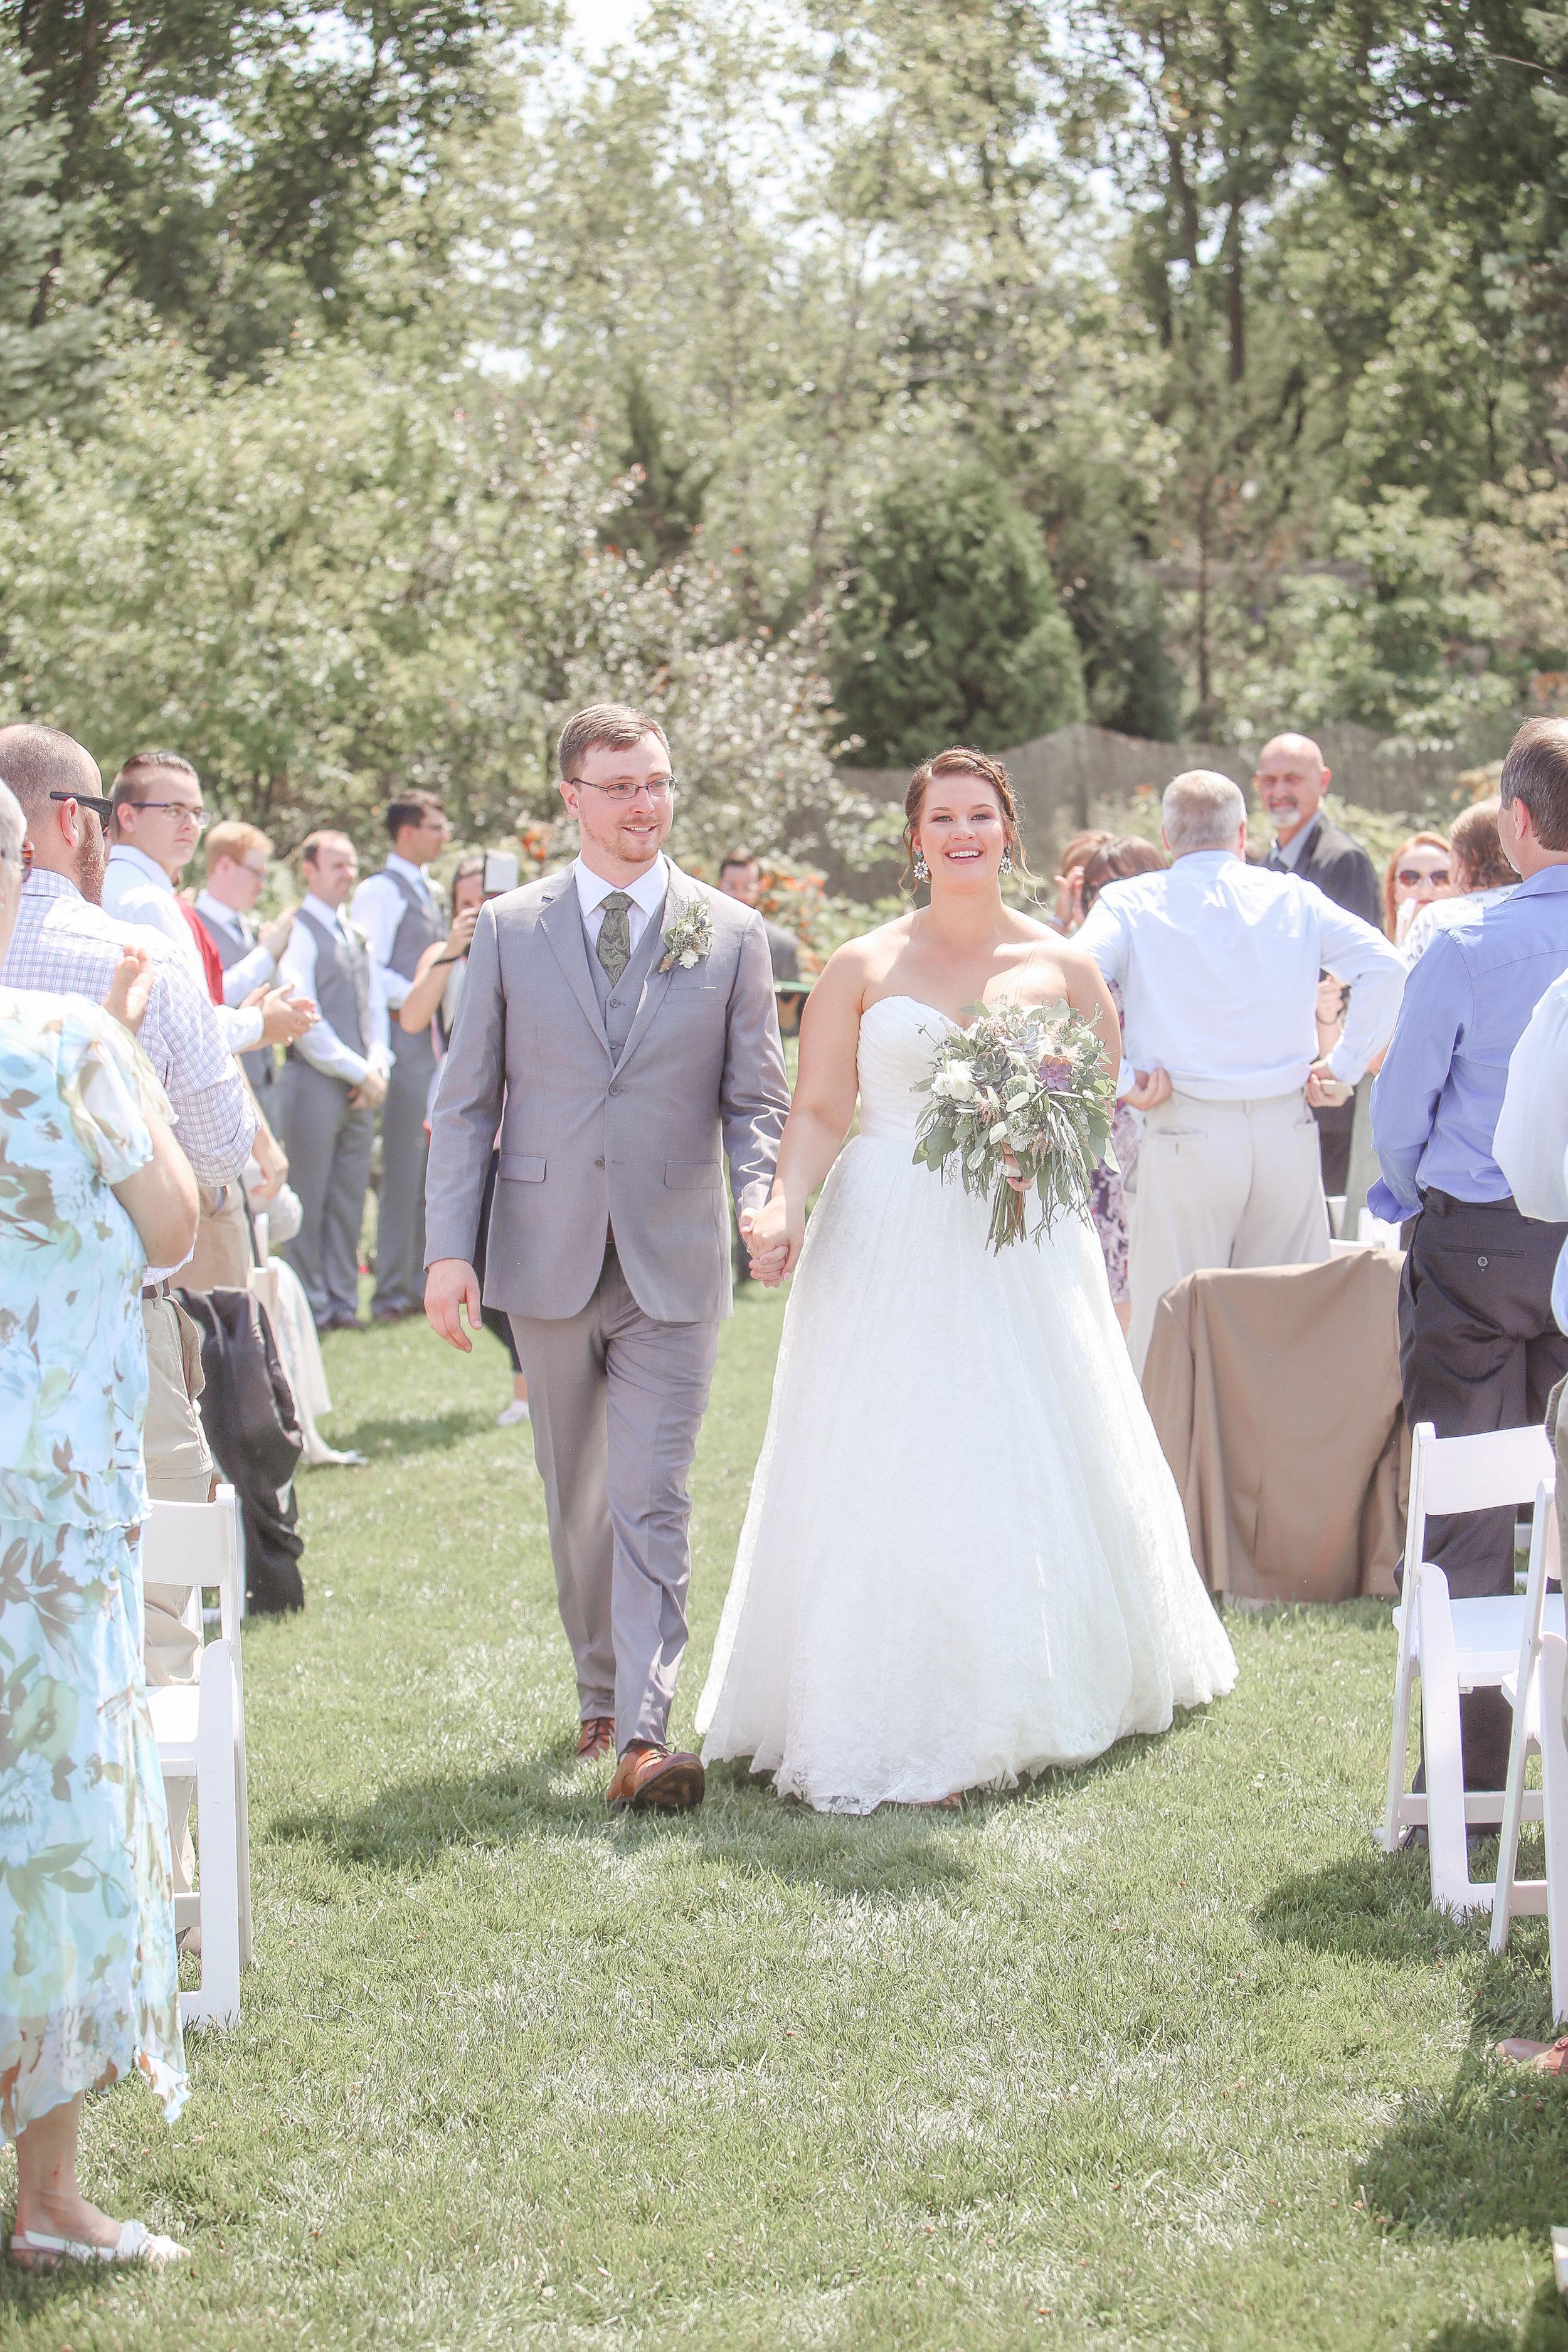 C_Wedding_Sarver, Alyssa & Scott_FOR BLOG-100.JPG